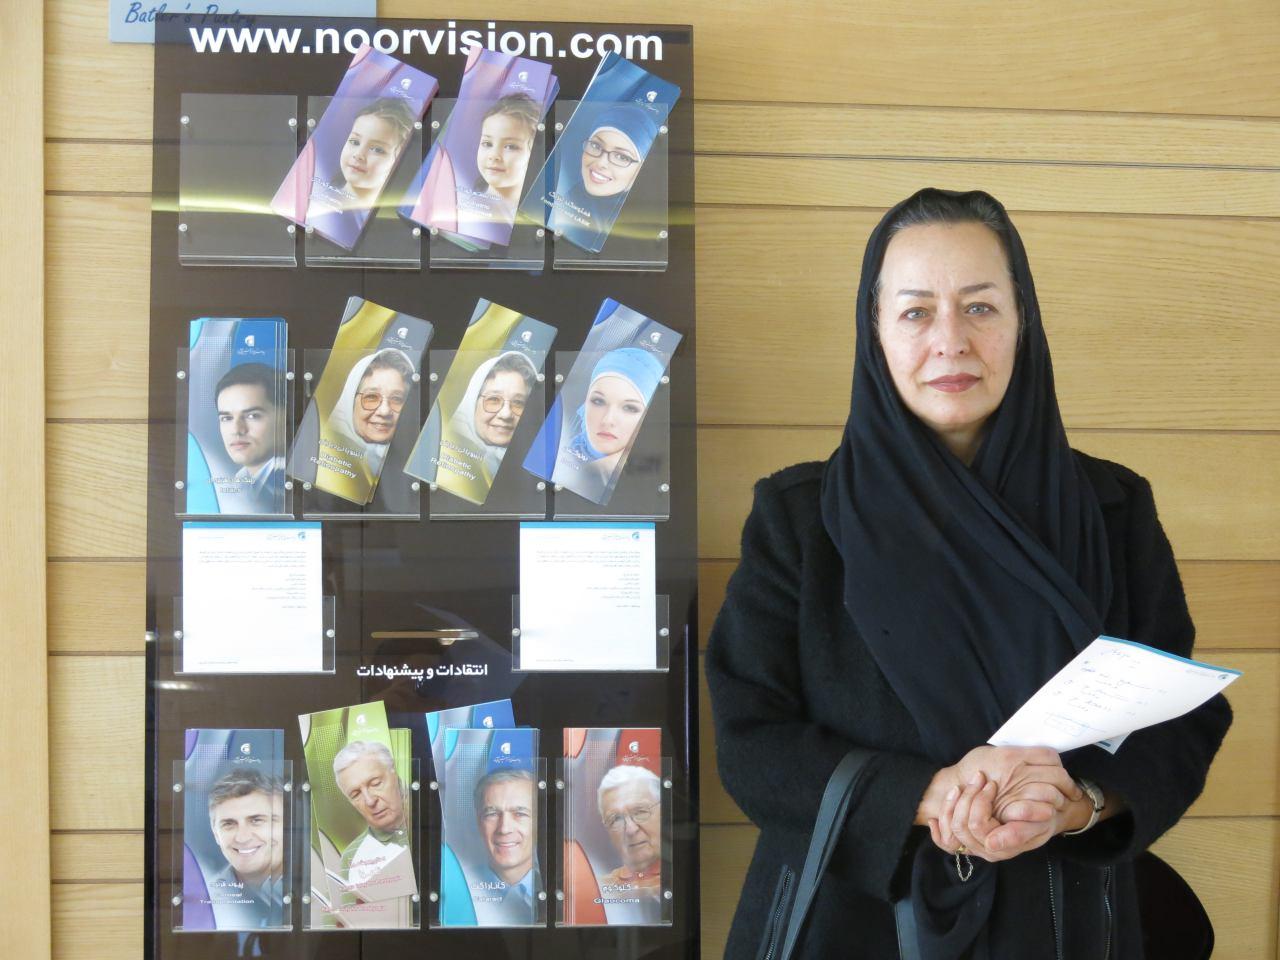 نمی شود بچه ها را وادار به تماشای فیلم ایرانی کرد / آزیتا حاجیان پیشکسوت